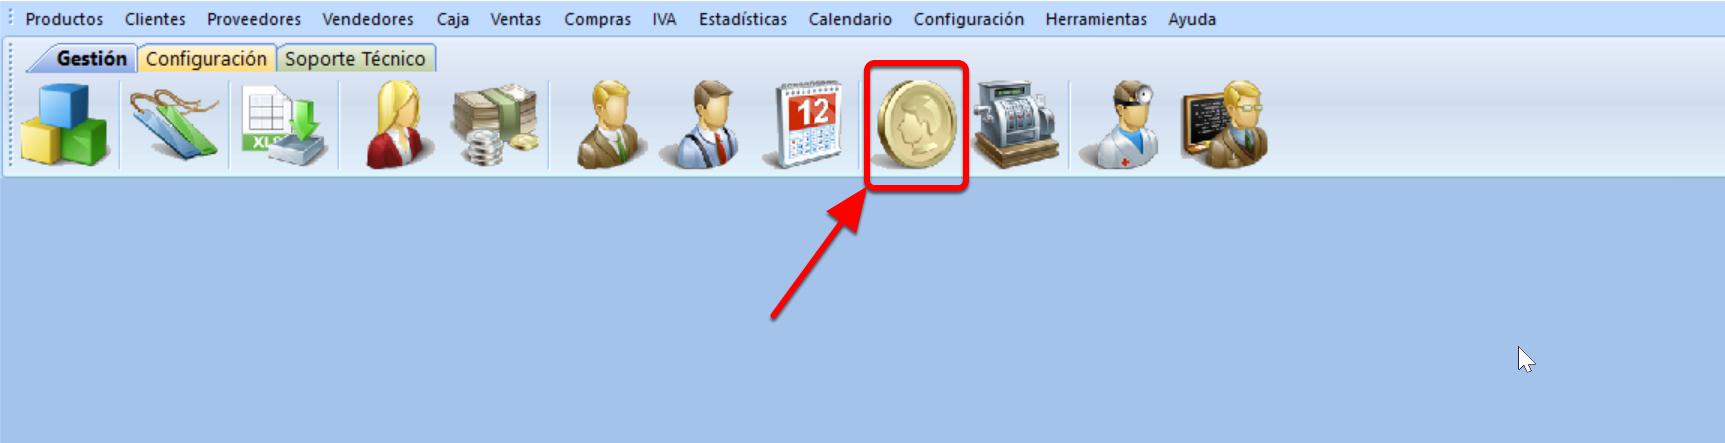 El icono para abrir el módulo de facturación es el de la moneda